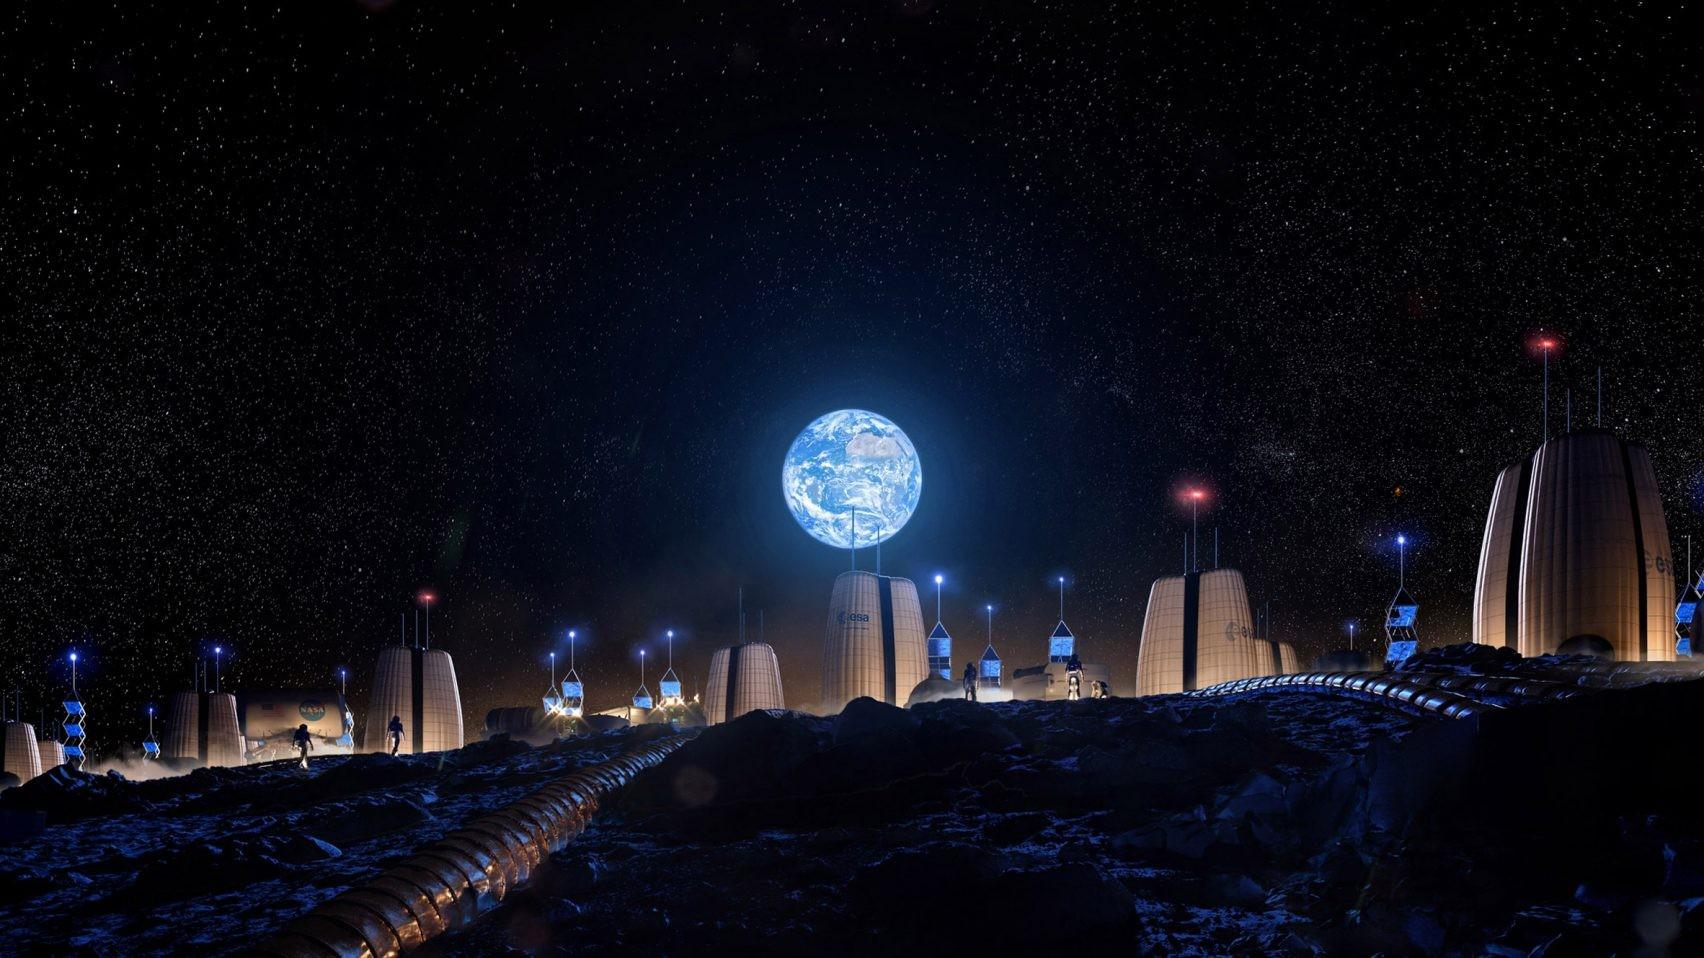 Morar na Lua? Projeto cria condições para que logo seja possível